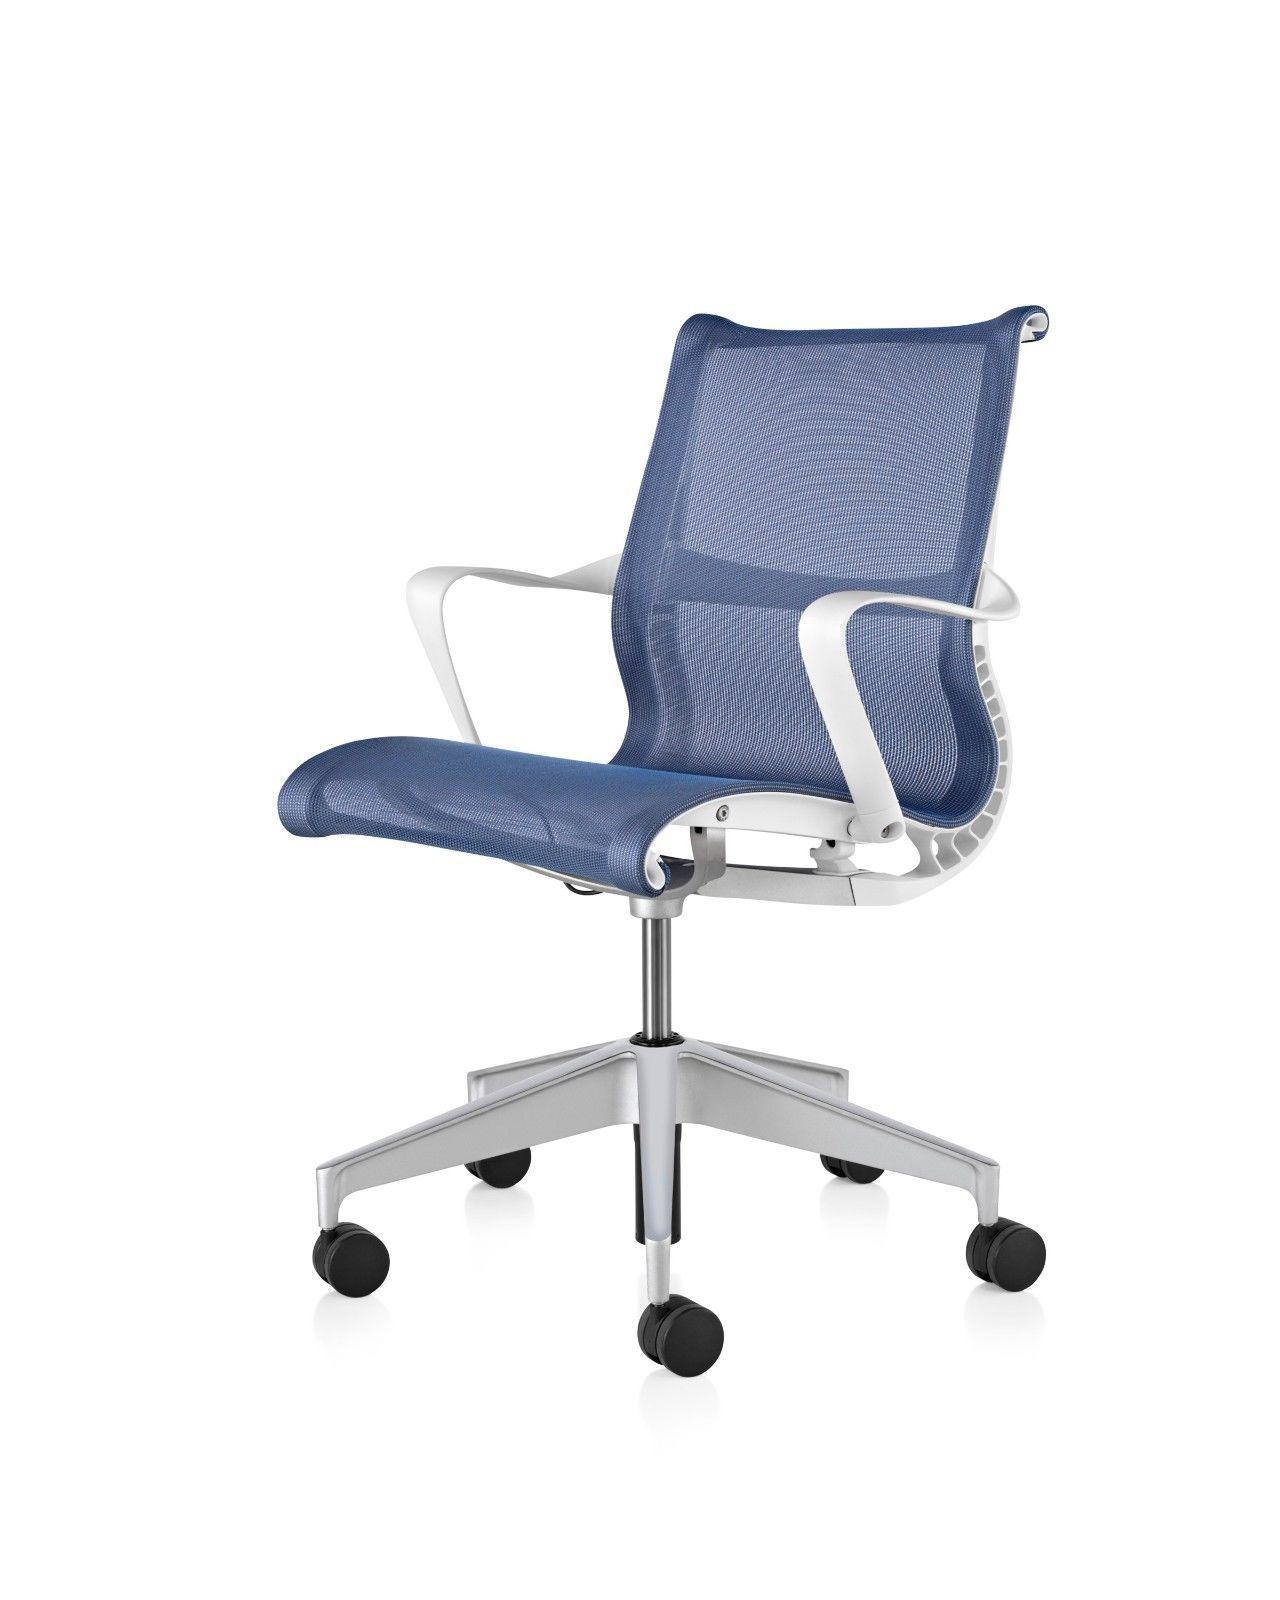 Herman Miller Setu Chair in Berry Blue